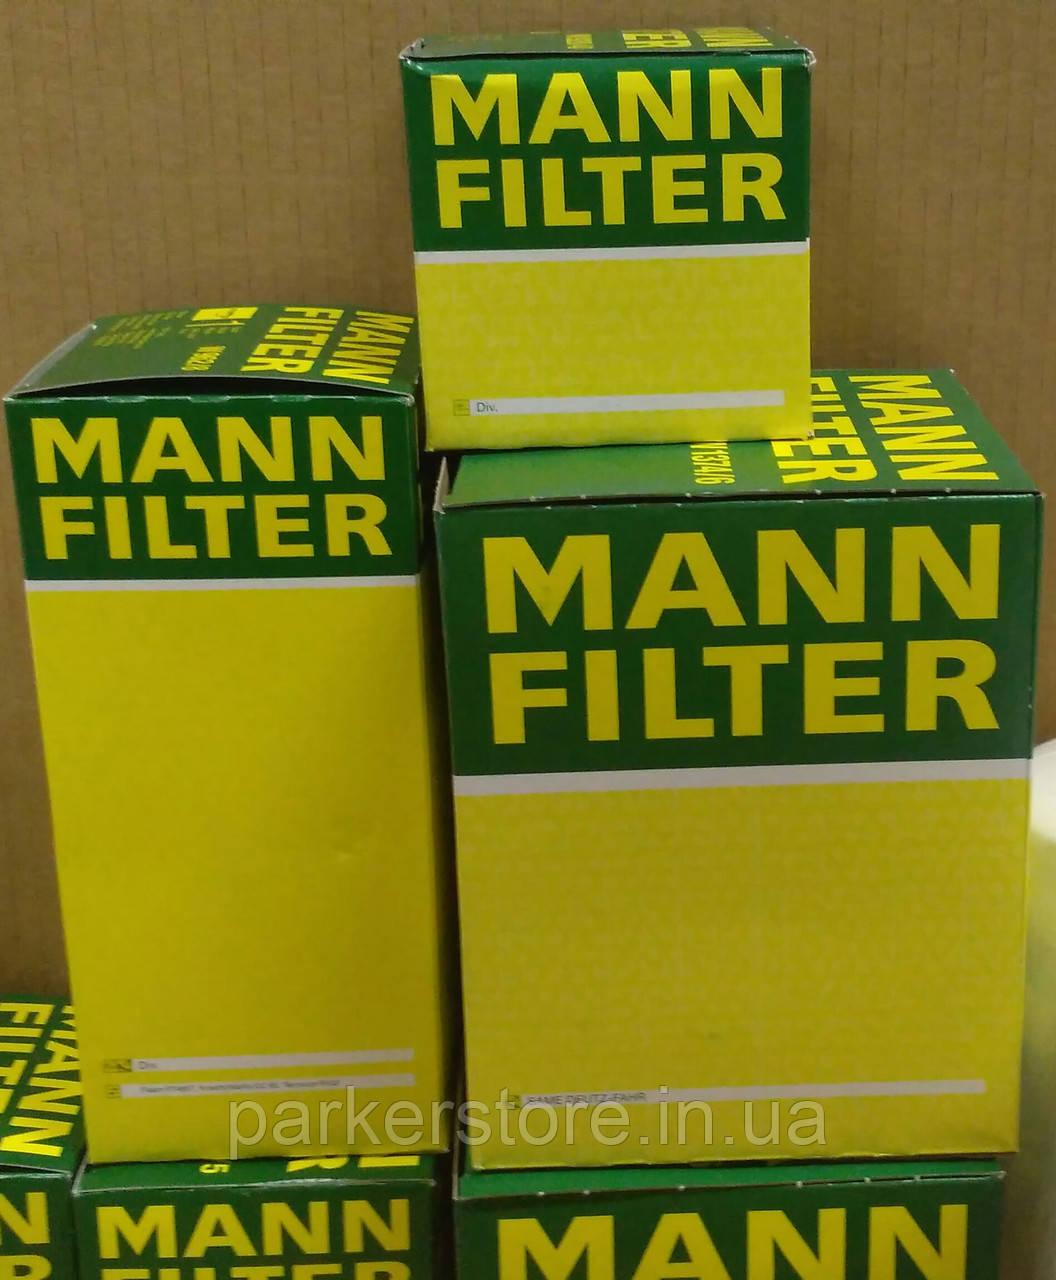 MANN FILTER / Воздушный фильтр / C 2519 / C2519